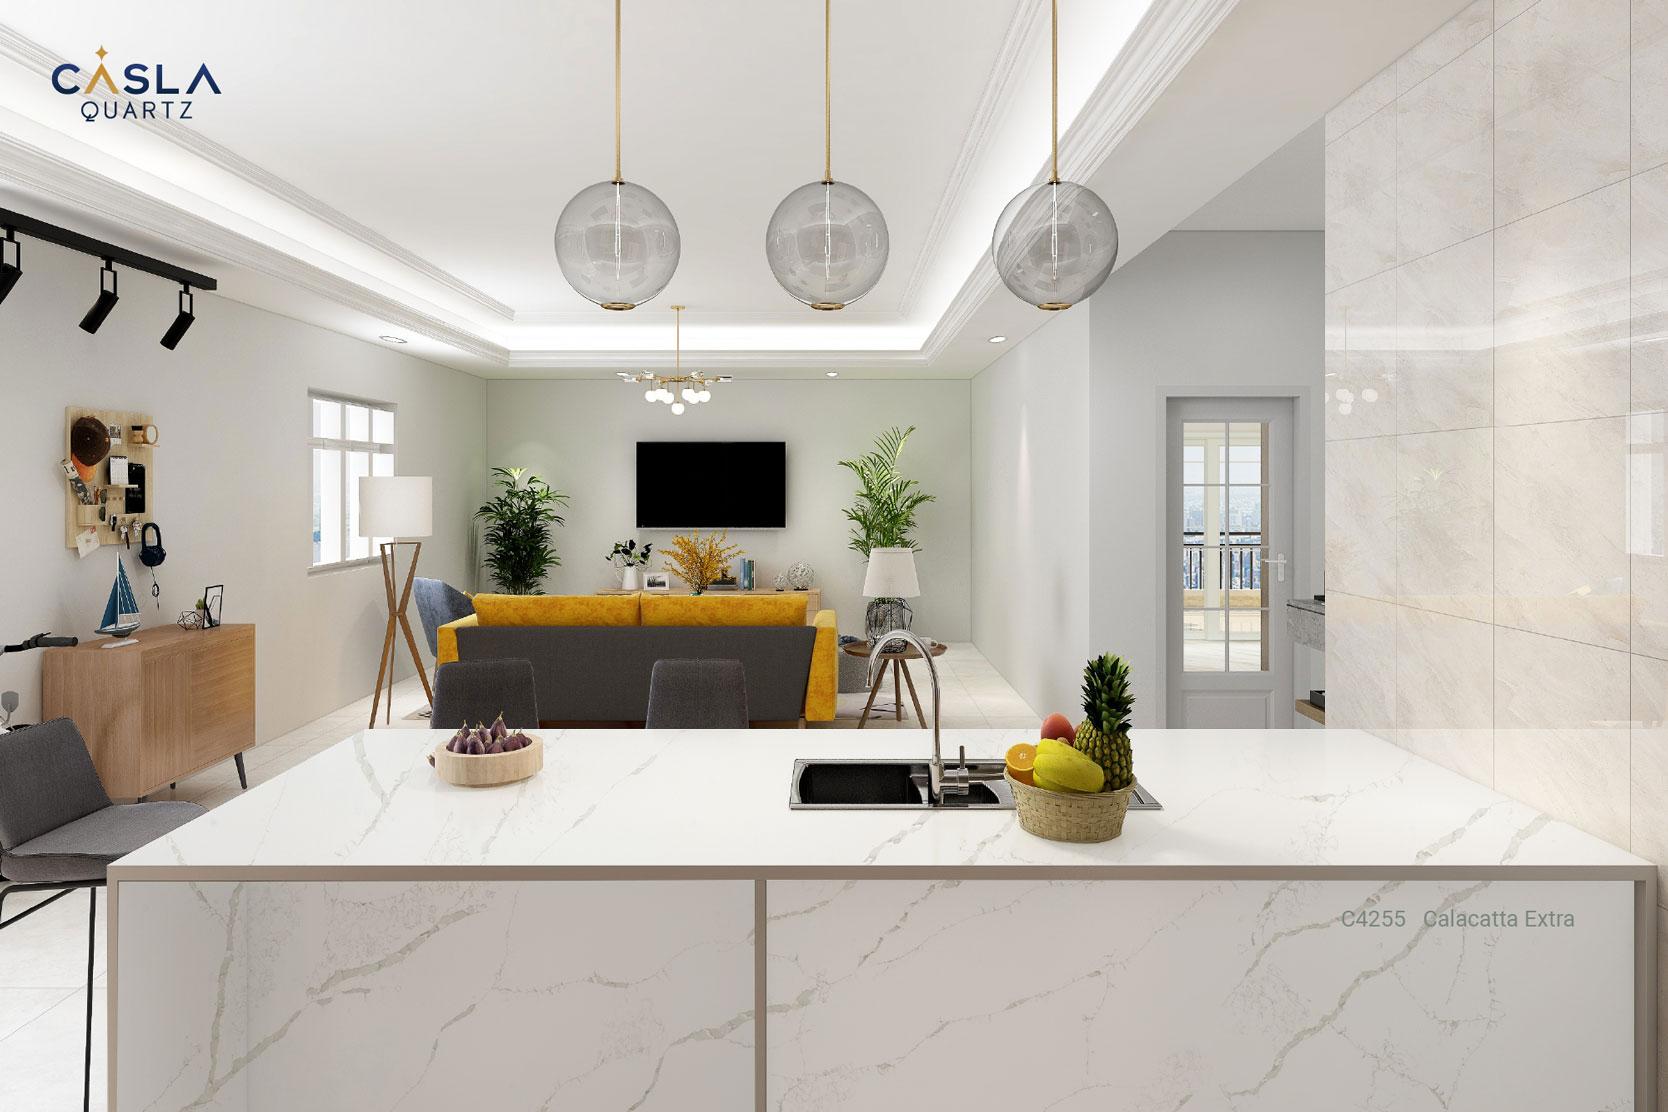 Đá thạch anh nhân tạo cao cấp Calacatta Extra sử dụng ở nhà bếp với bàn bếp, bar, đảo bếp là rất an toàn và sang trọng